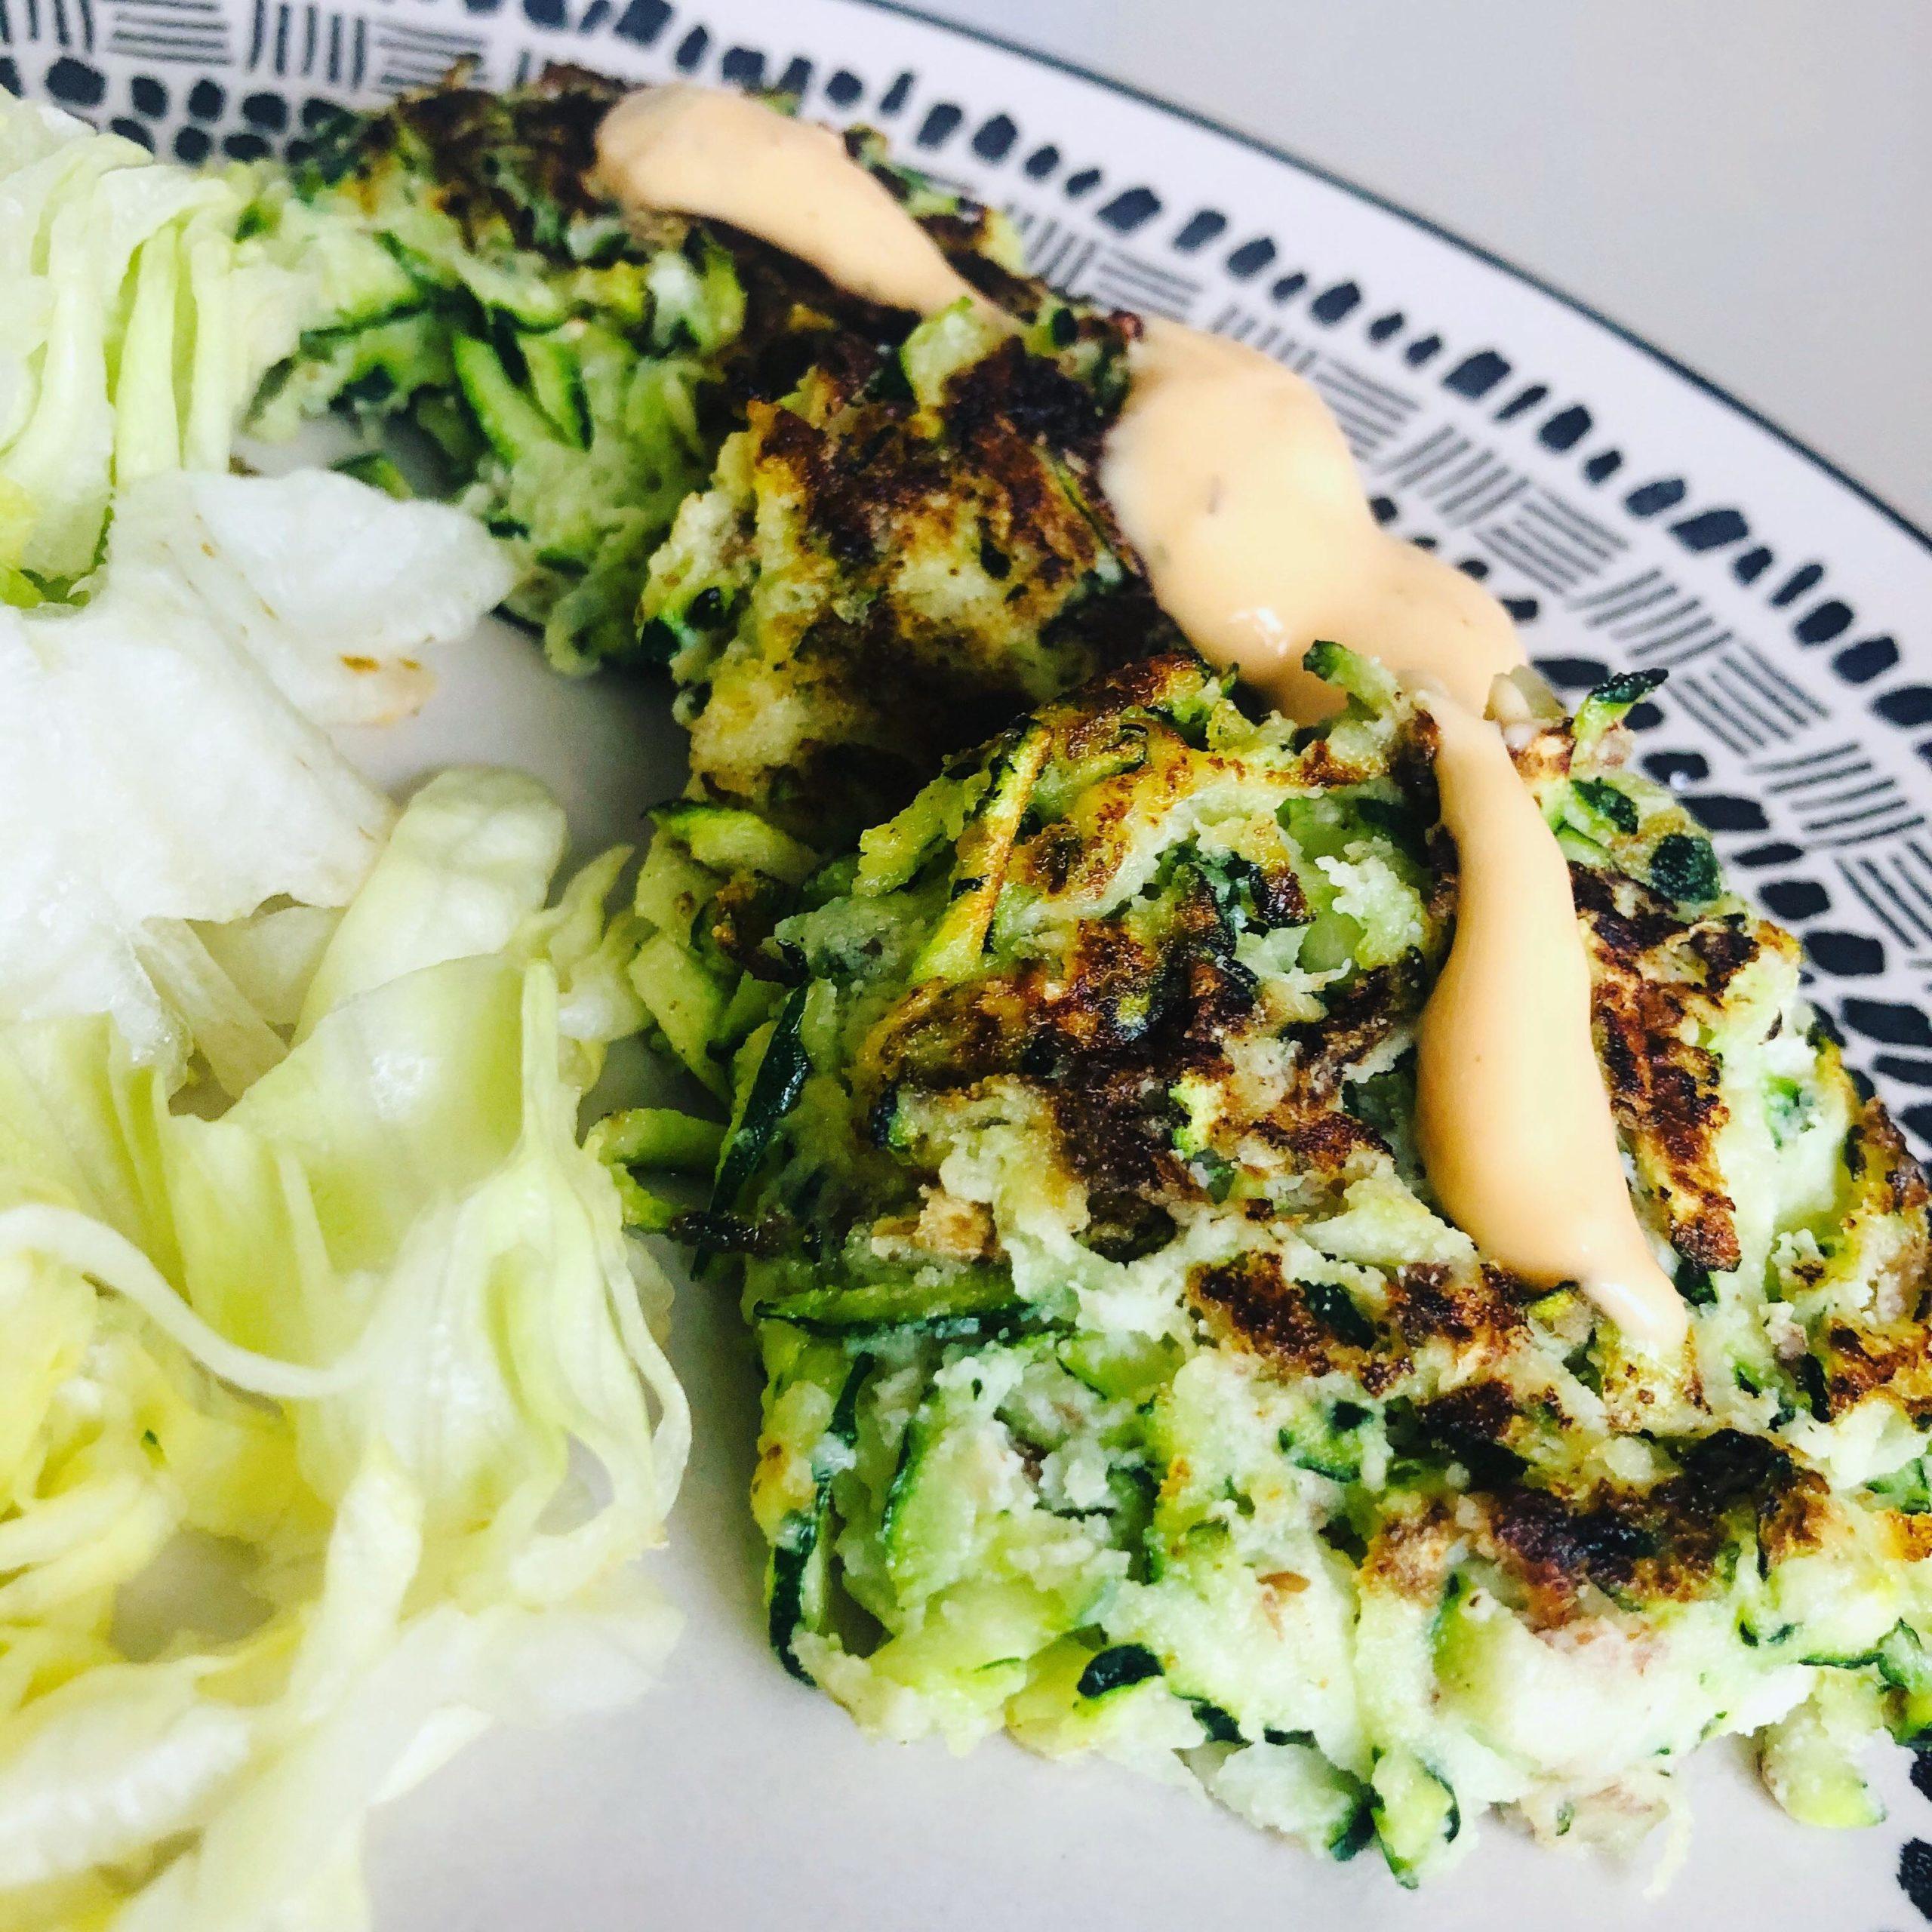 Easy Gluten-Free Vegan Zucchini Fritters